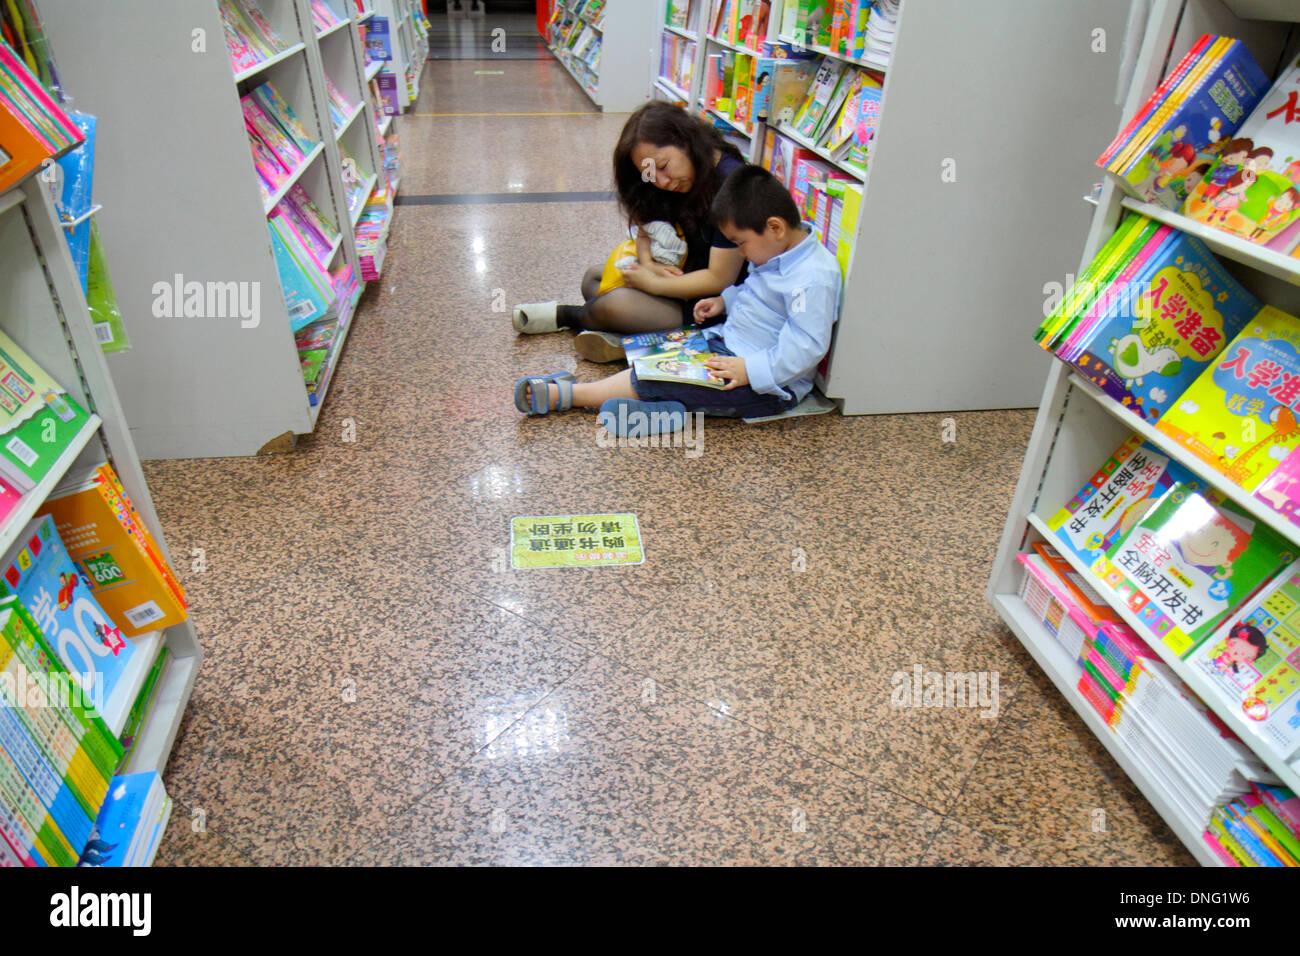 Asiatische Regale peking china xinhua buchladen wangfujing shopping im verkauf